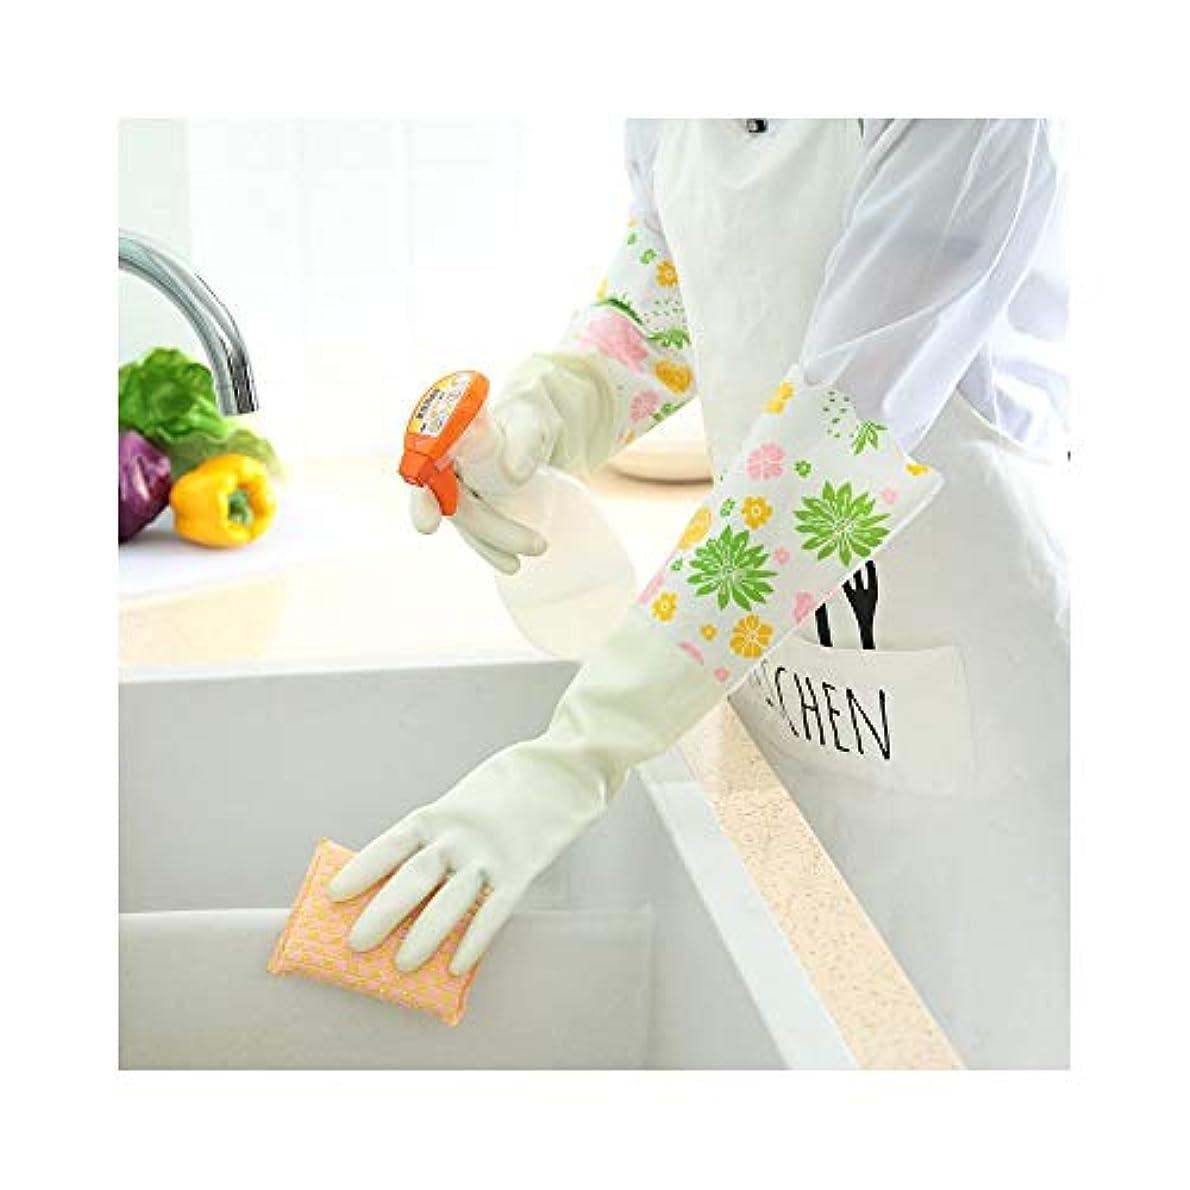 動物お祝いそこからニトリルゴム手袋 キッチン用手袋防水性と耐久性のあるゴム製家事用手袋、1ペア 使い捨て手袋 (Color : GREEN, Size : L)